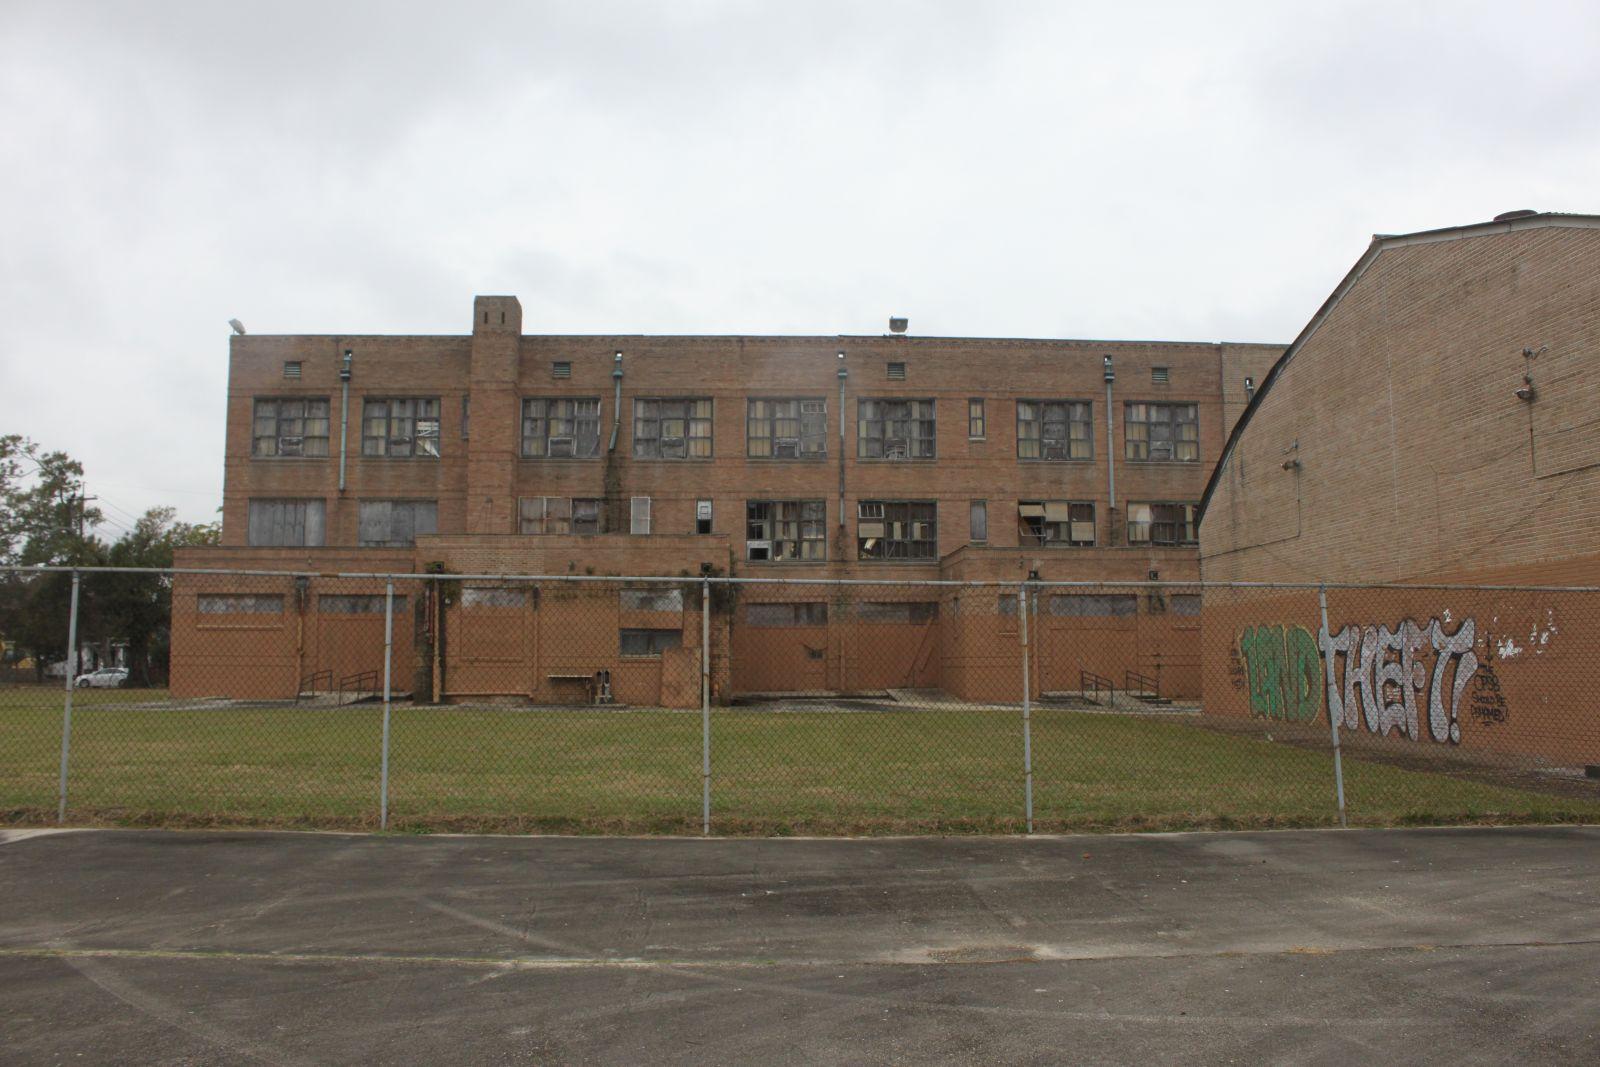 Preistley School Building